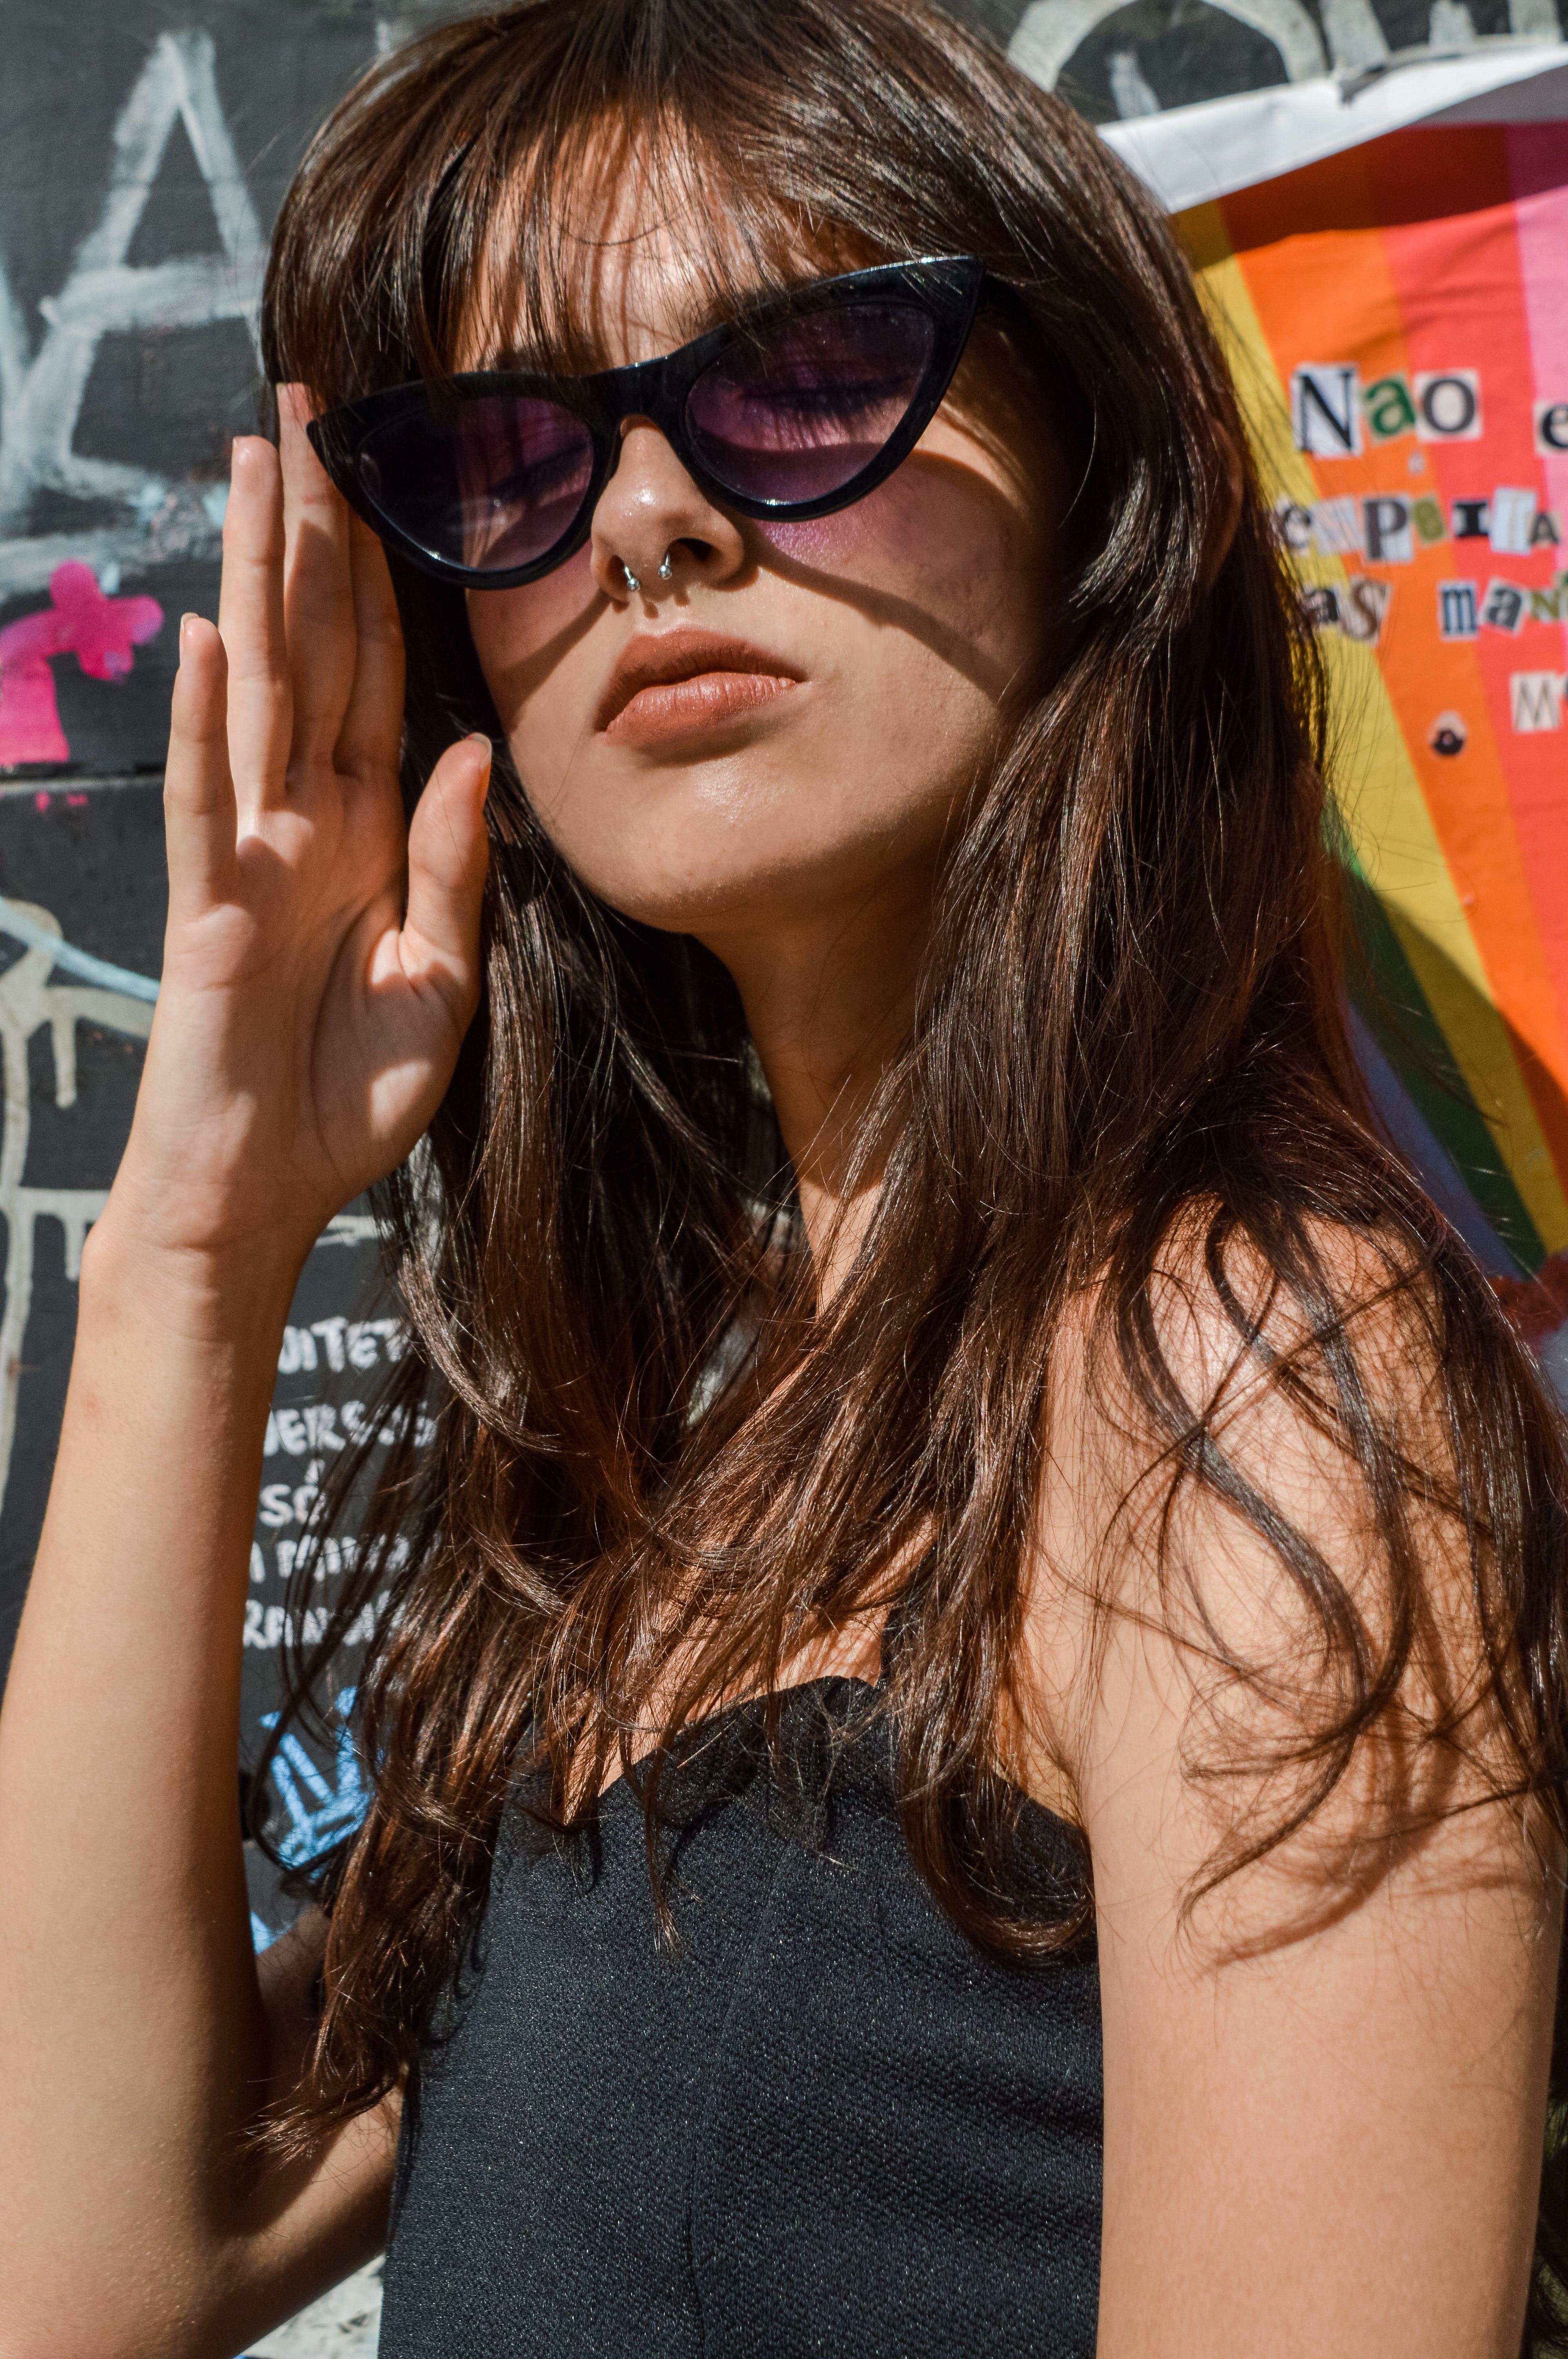 可愛, 墨鏡, 夏天, 女人 的